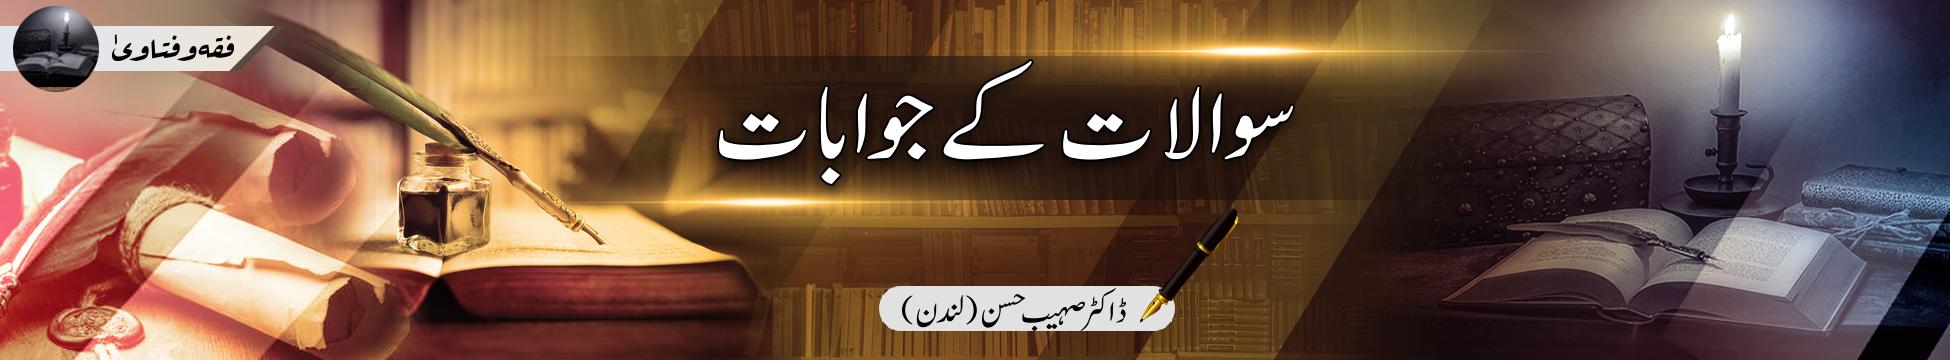 سوالات کے جوابات(قسط 2)۔ ڈاکٹر صہیب حسن (لندن)